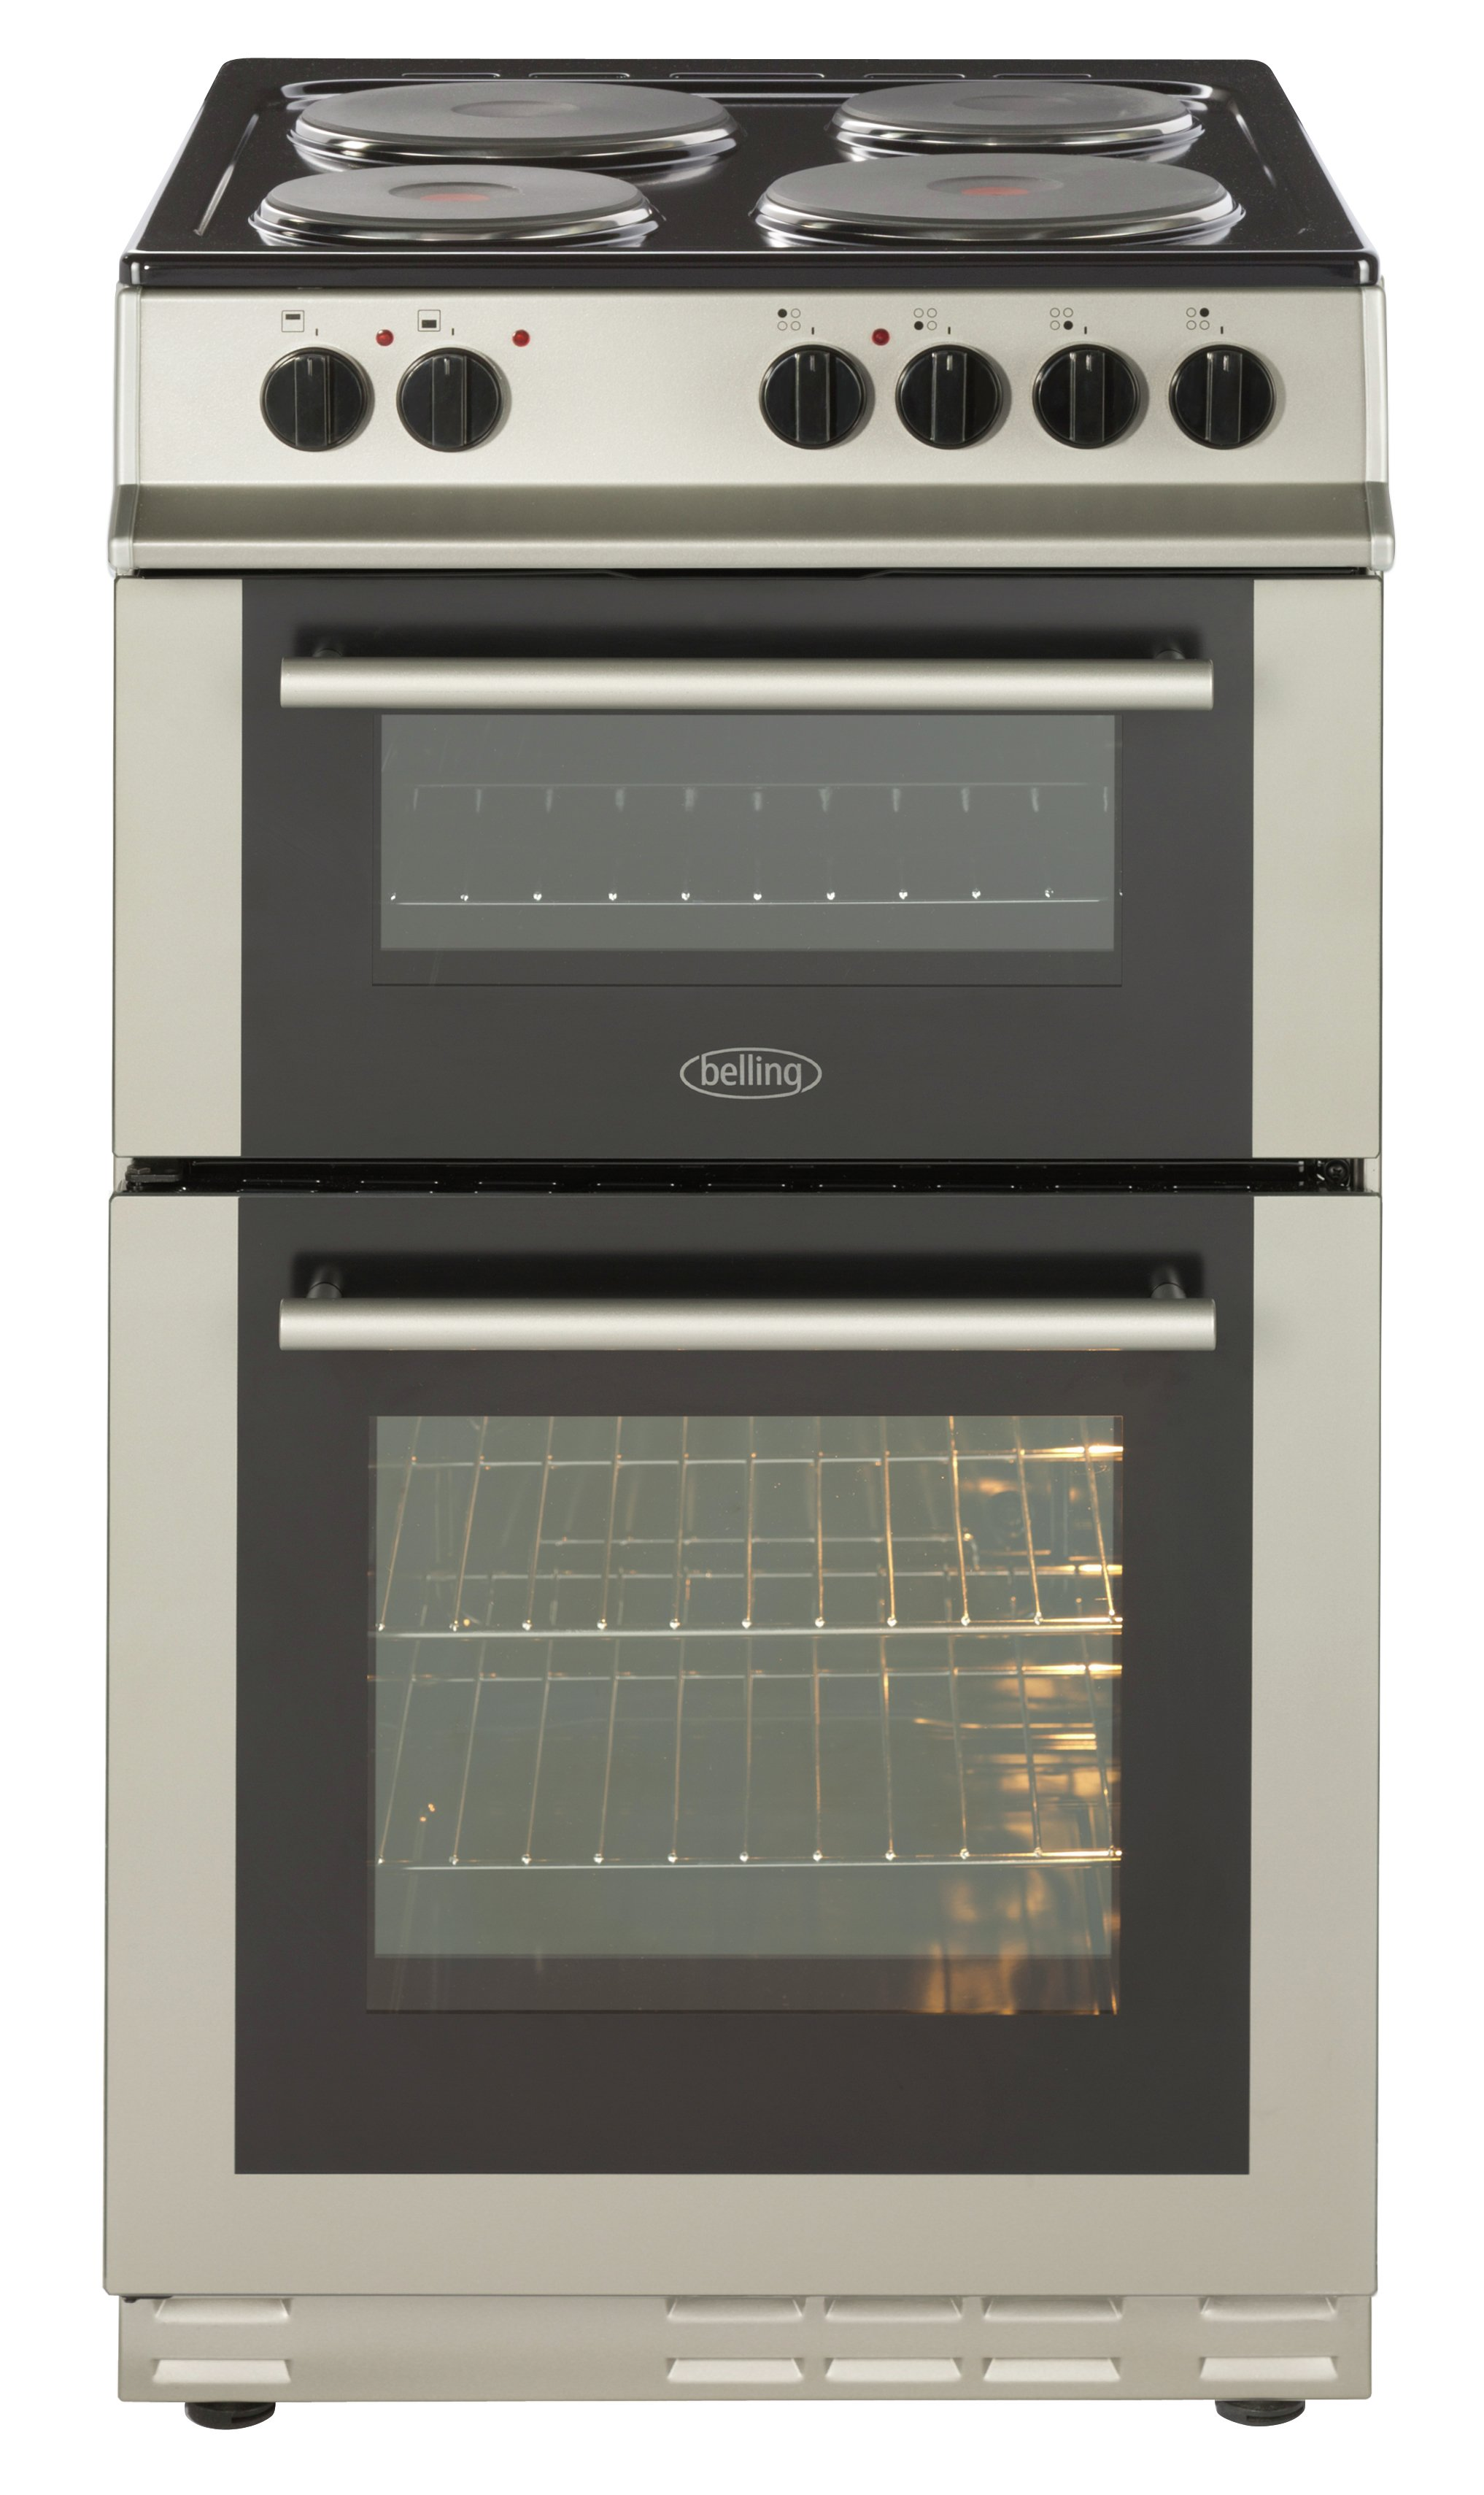 Belling - FS50EFDO - Electric Cooker - Silver/Ins/Del/Rec